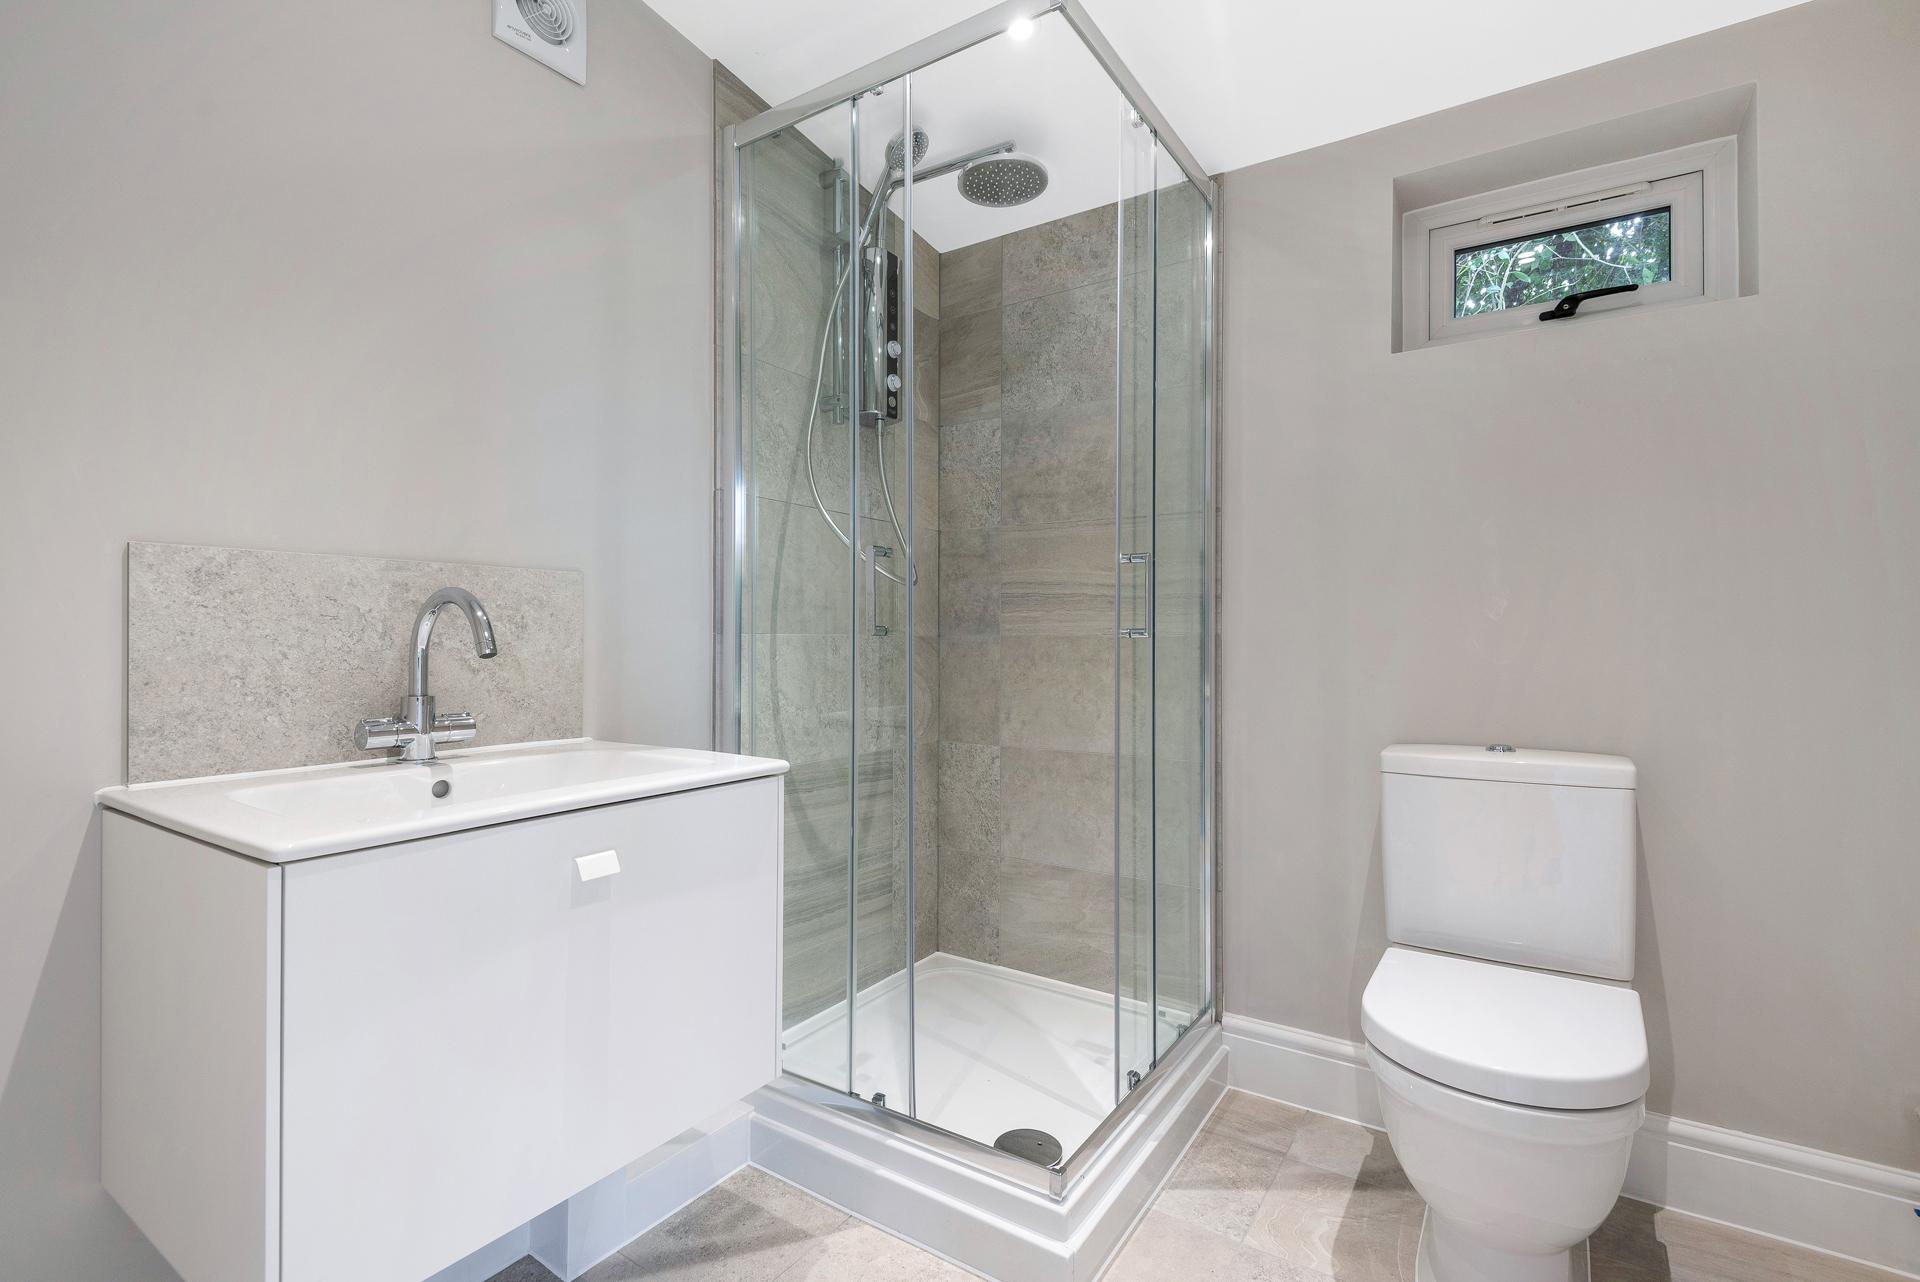 Bespoke garden room bathrooms in Essex.